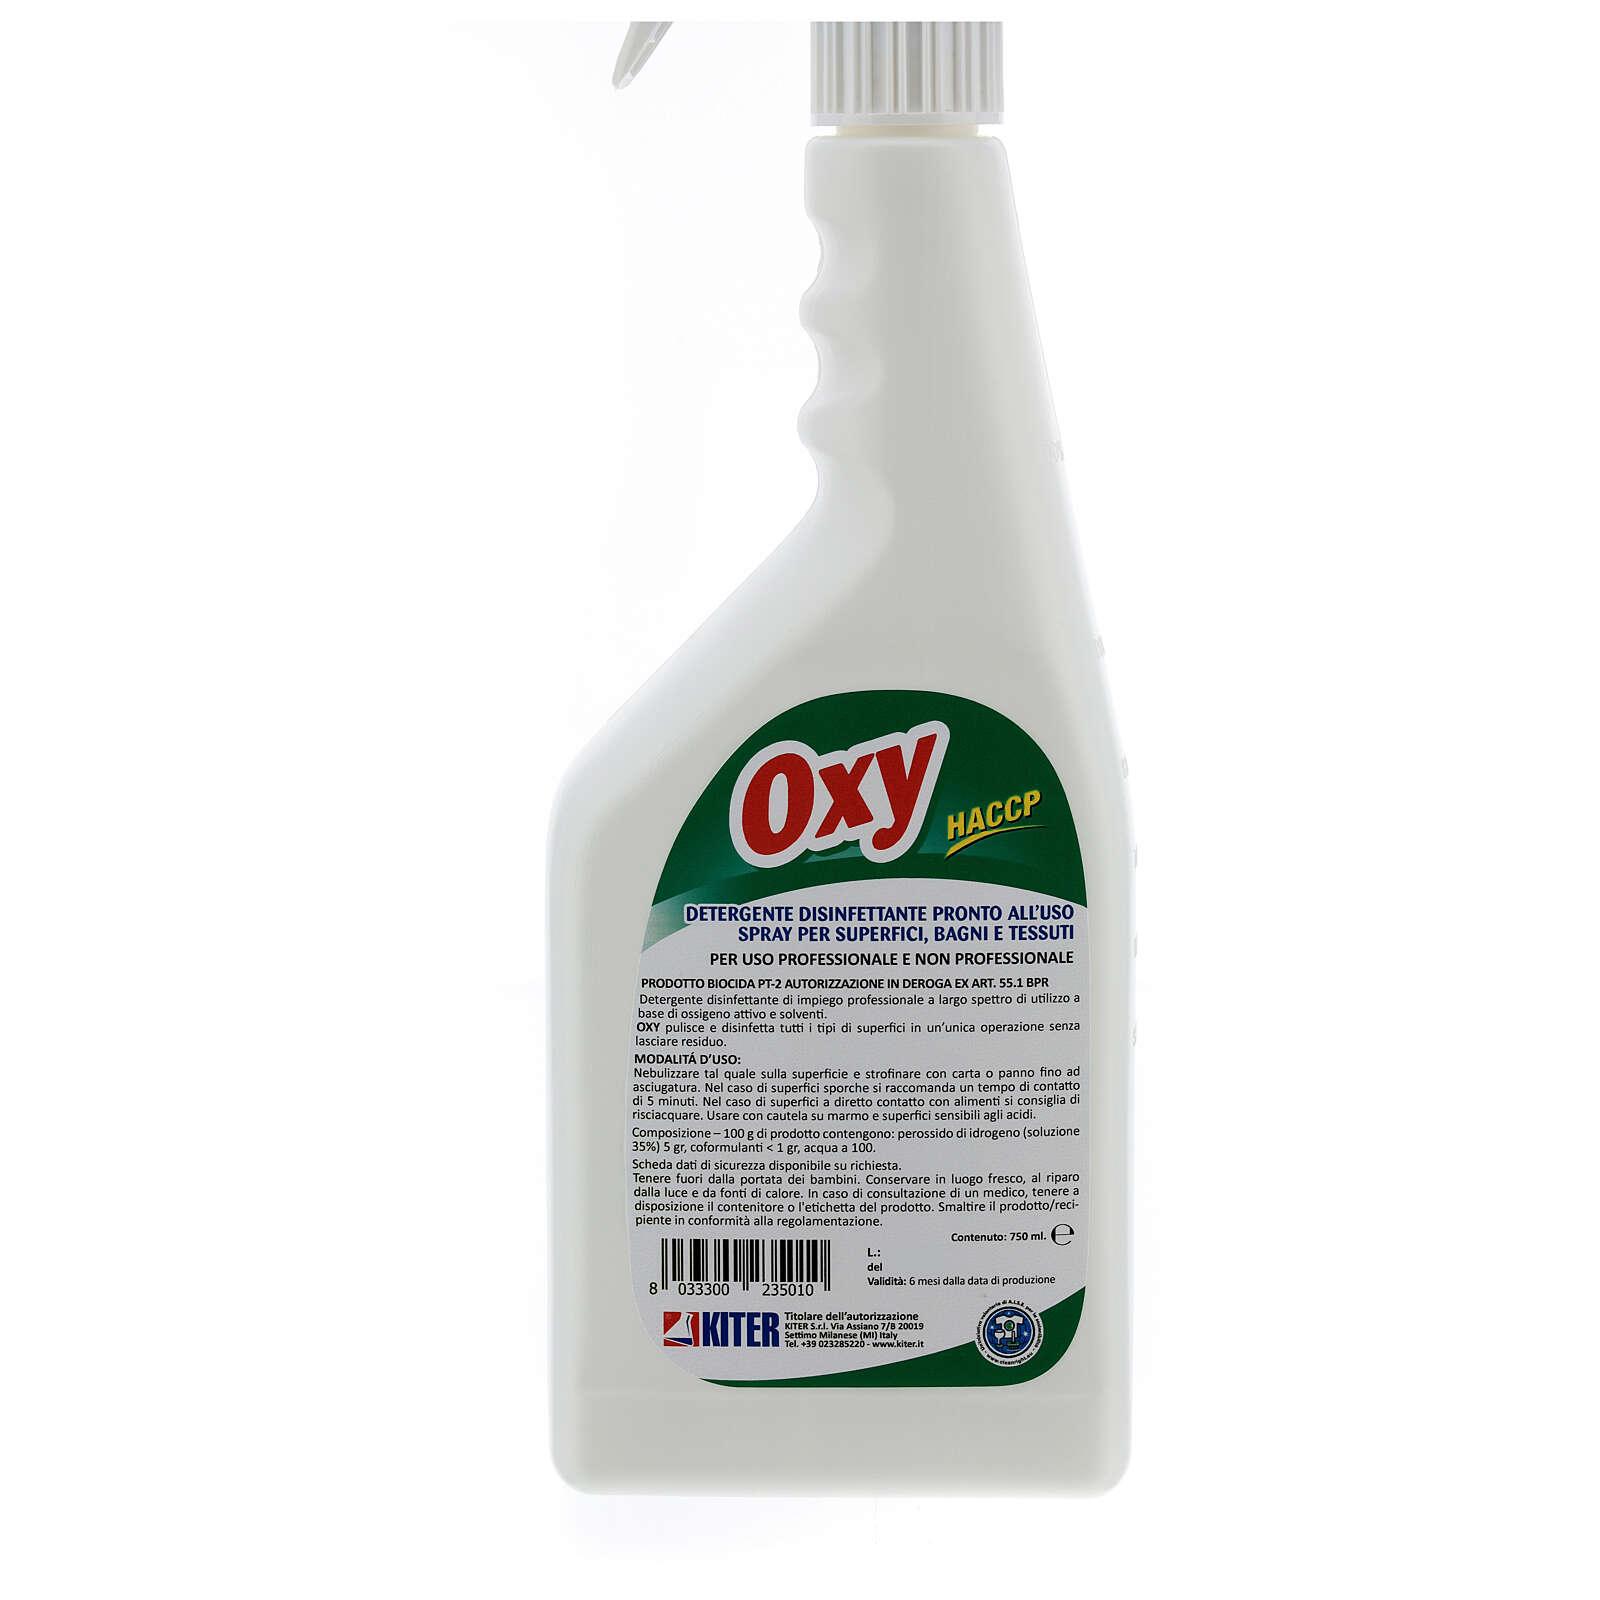 Desinfektionsspray Oxy Biocida, 750 ml 3